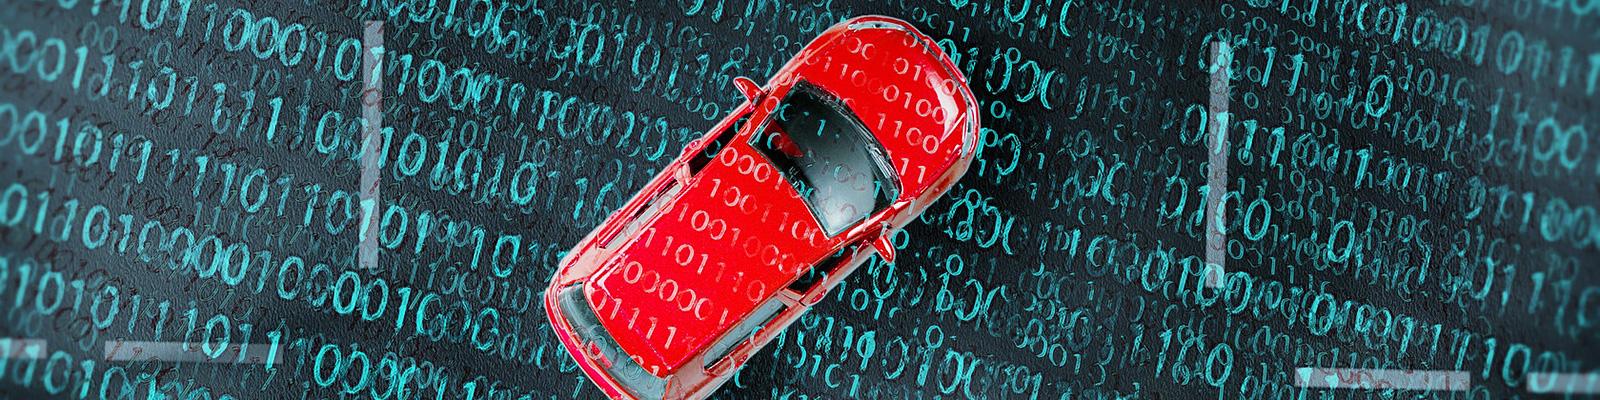 自動運転車 プログラム イメージ